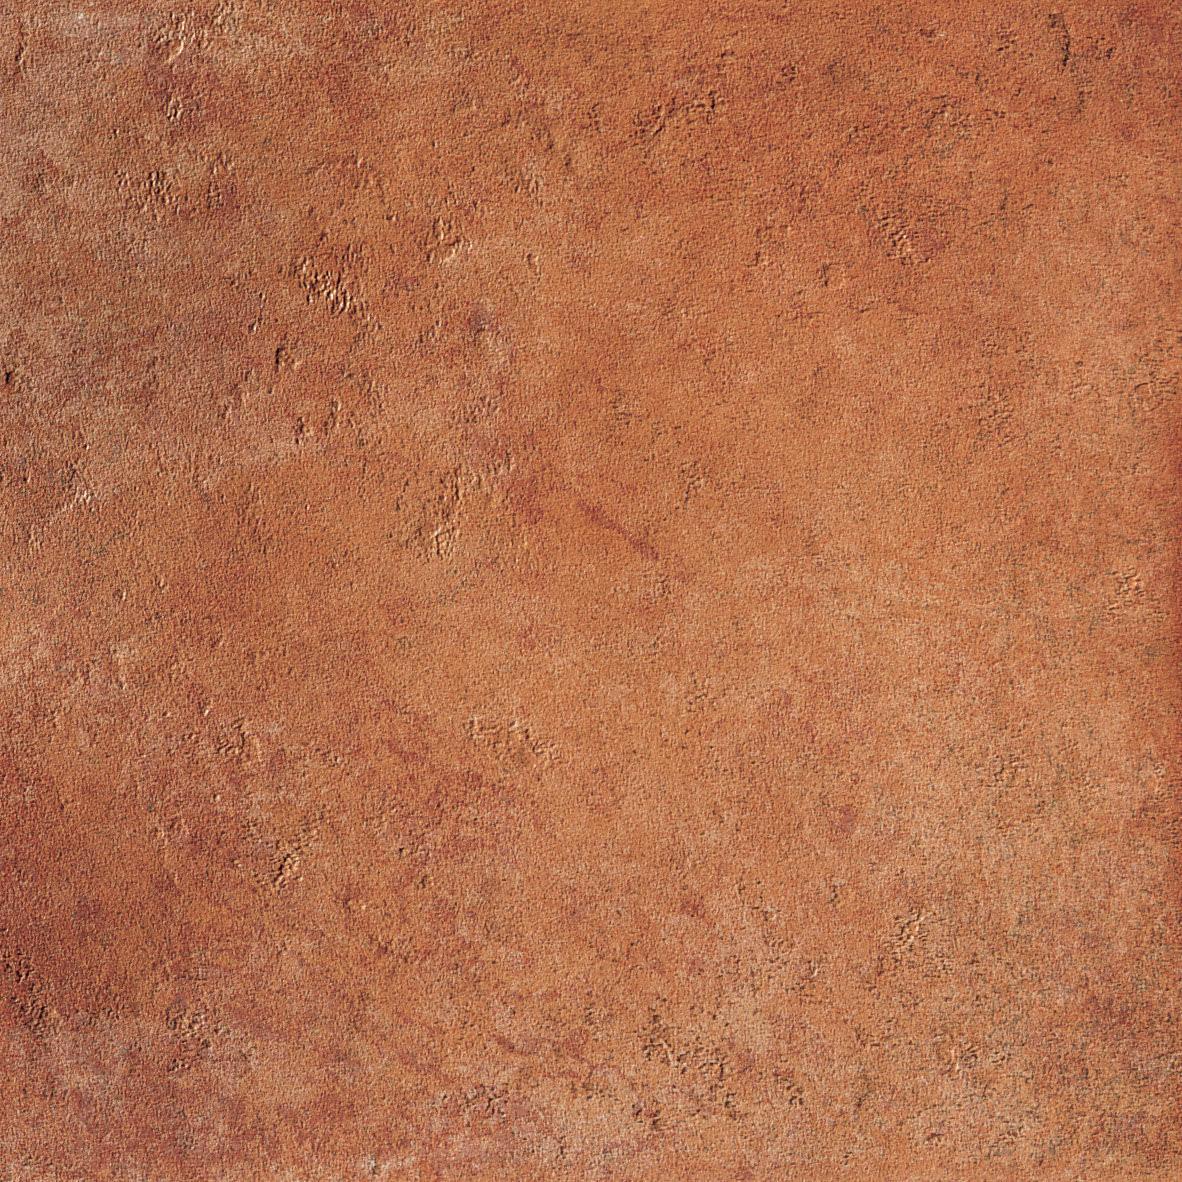 ABK Petraia Cotto 50 x 50 cm